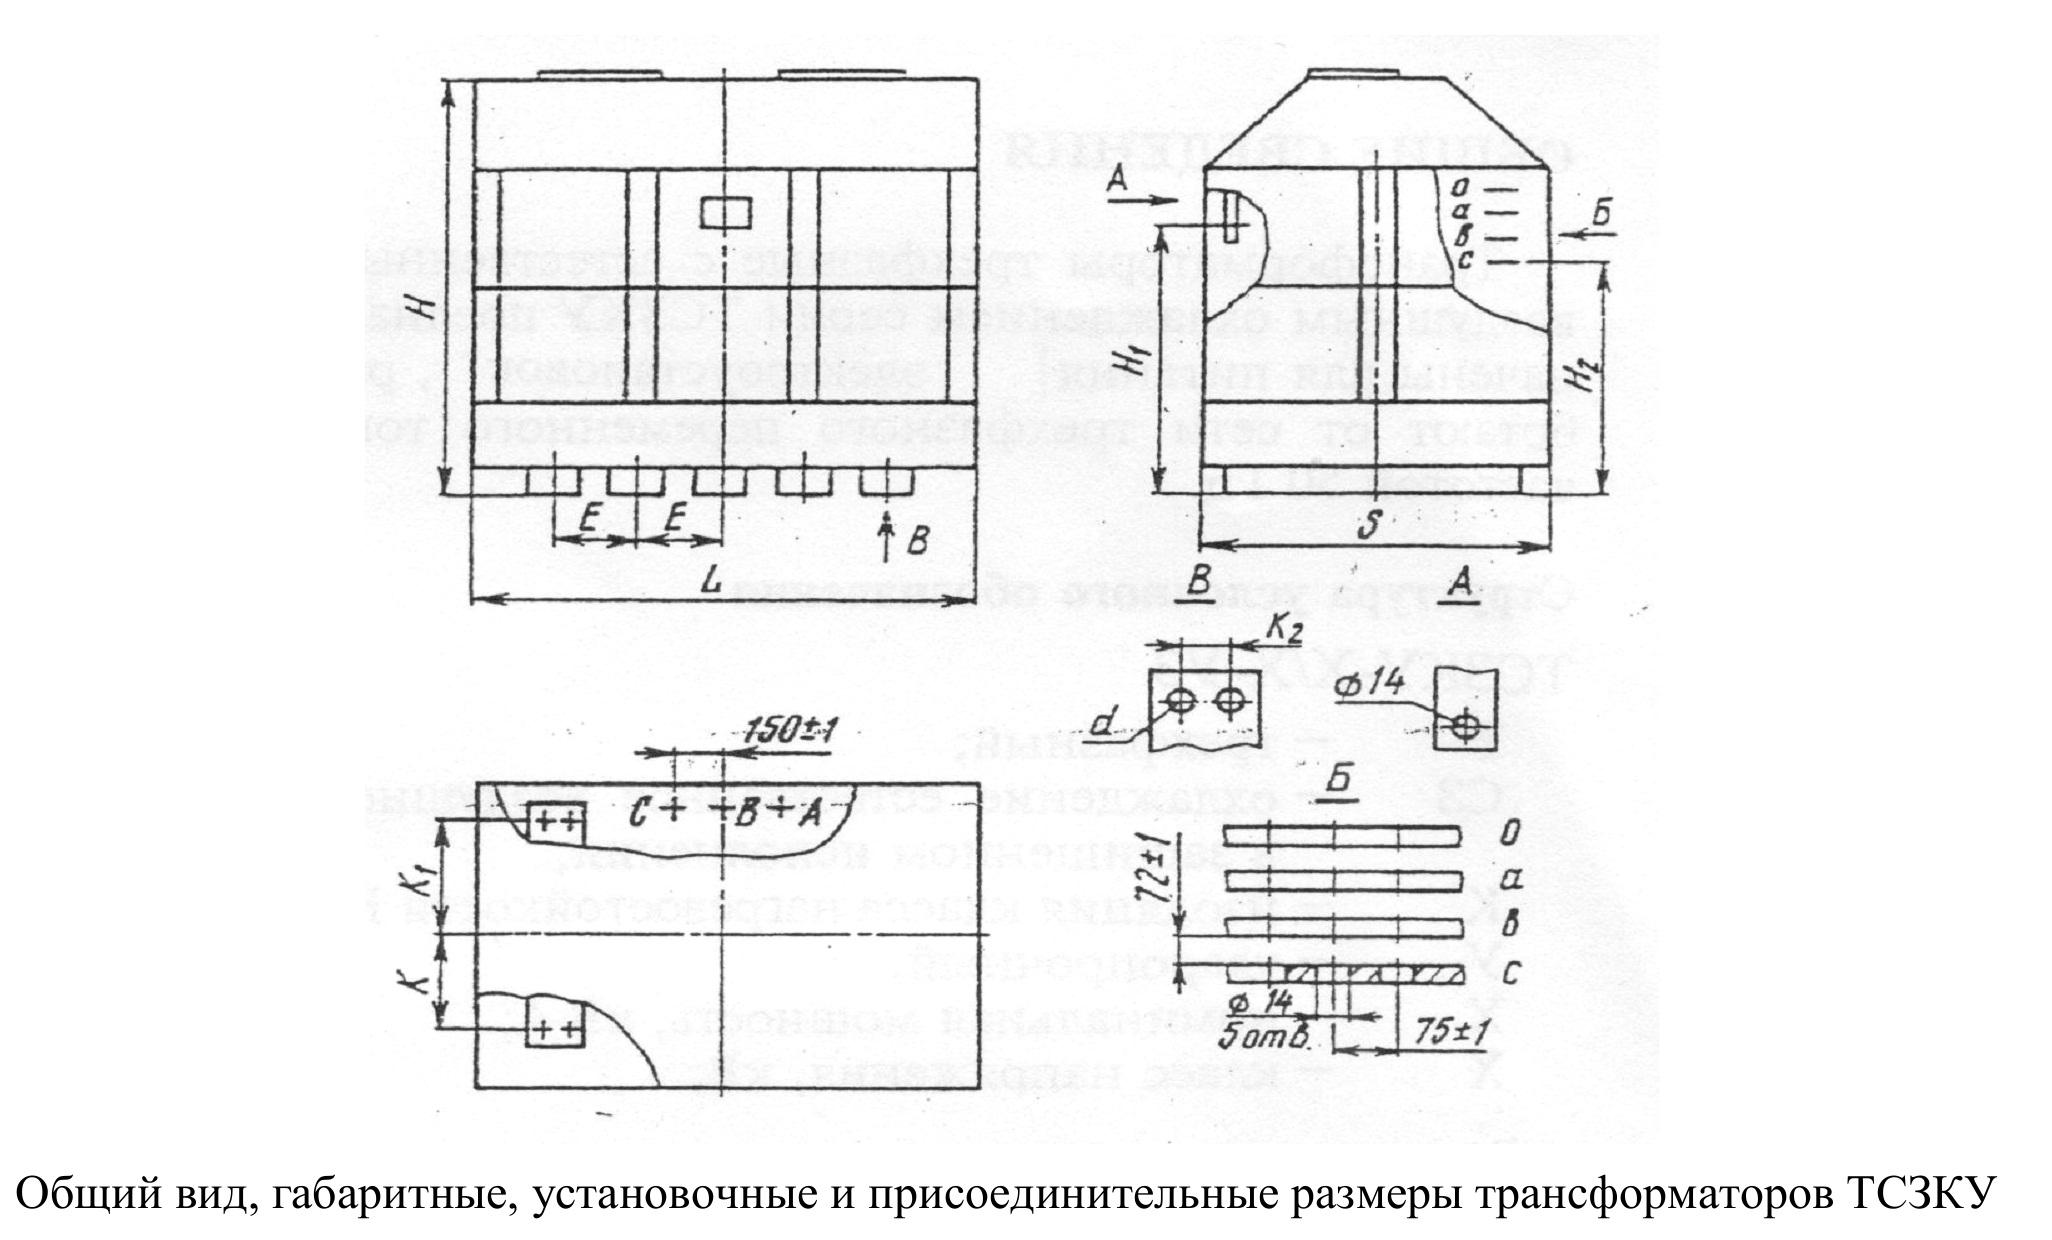 Сухой трехфазный сейсмоустойчивый трансформатор класса напряжения 6 и 10 кВ